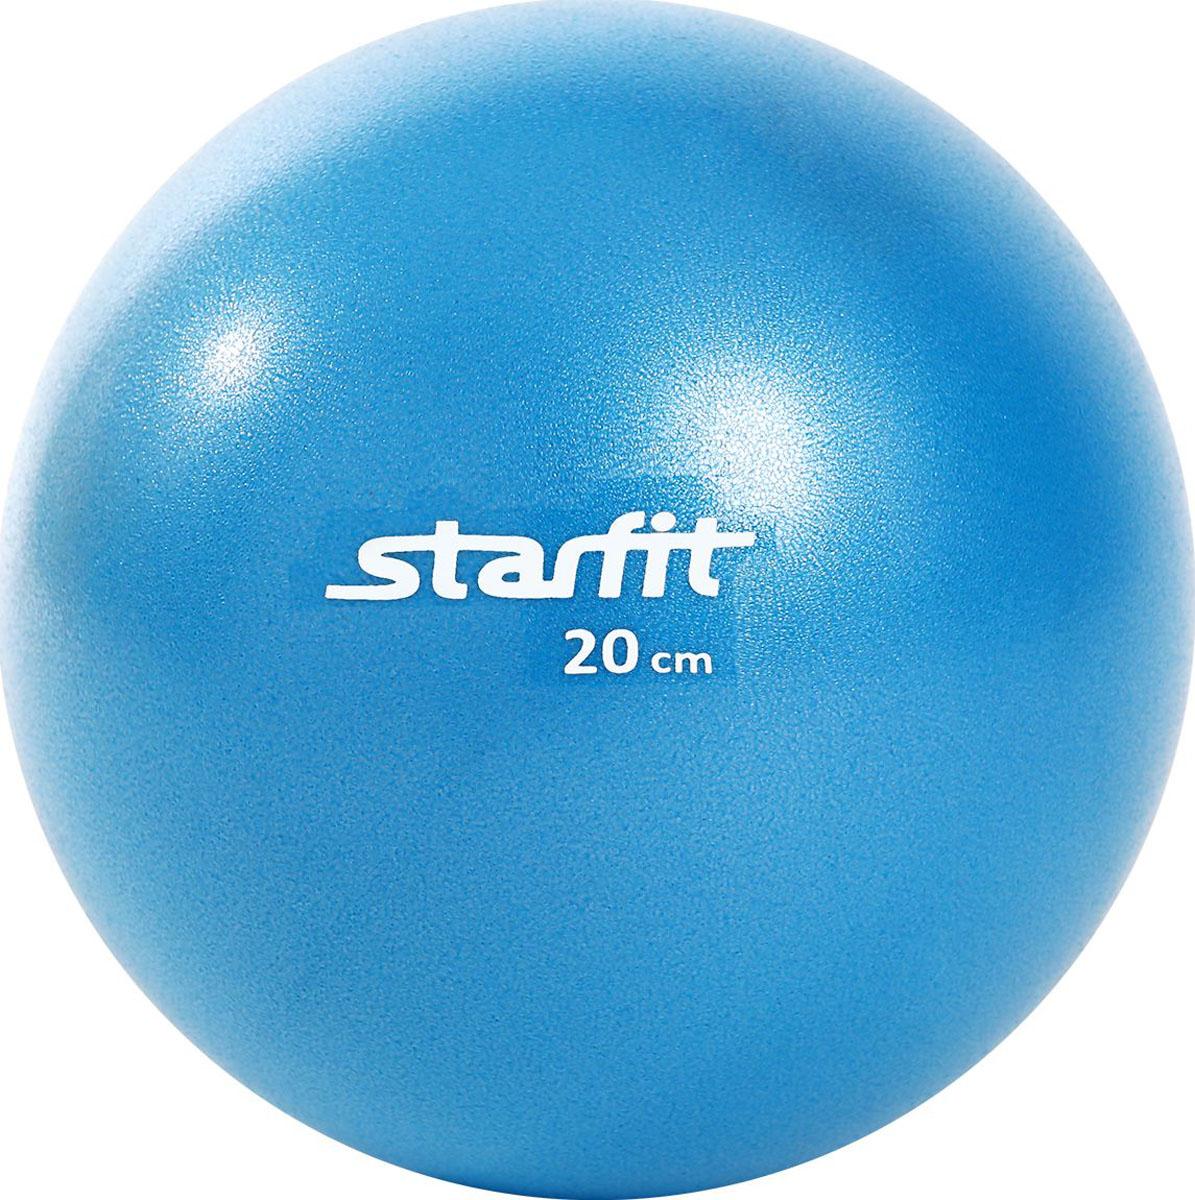 Мяч для пилатеса Starfit GB-901, цвет: синий, диаметр 20 см мяч для фитнеса starfit мяч для пилатеса фиолетовый